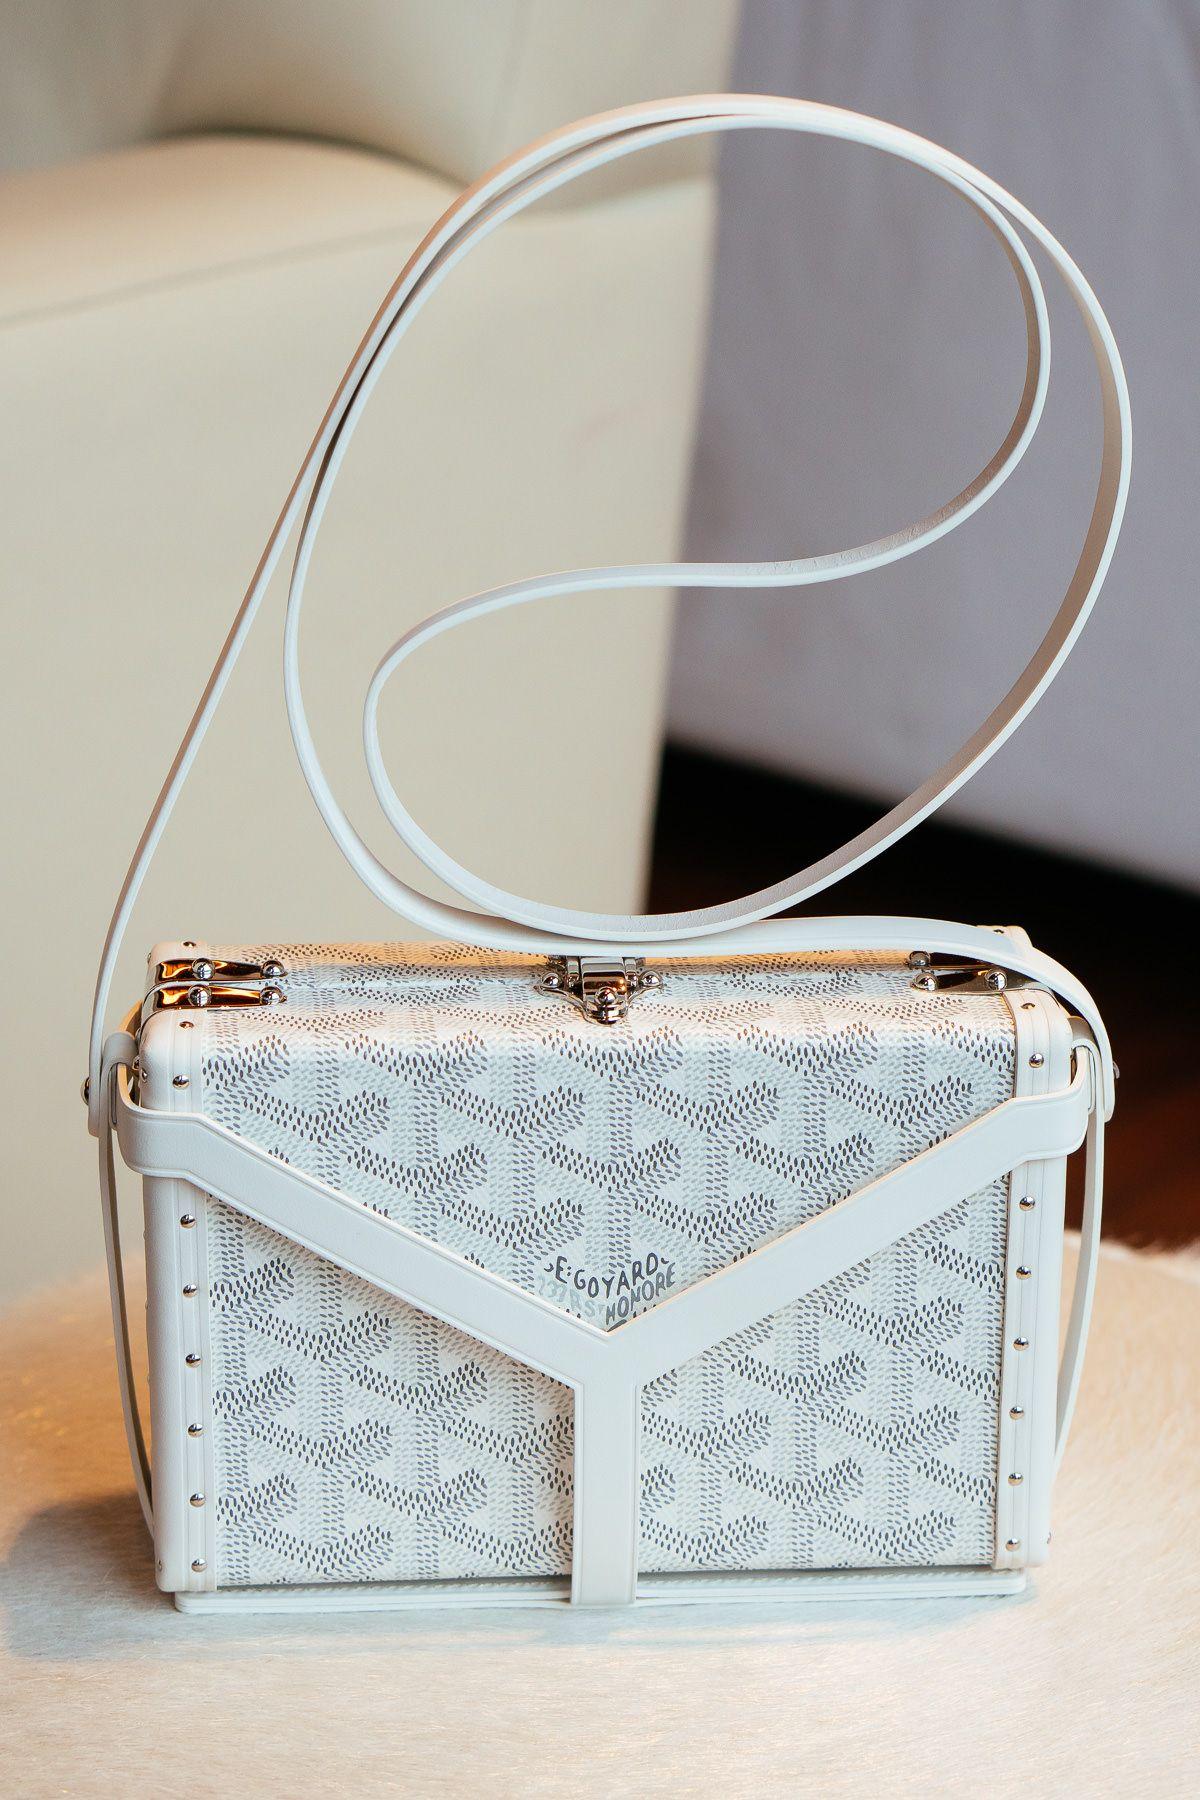 A Close Look At The New Goyard Minaudiere Purseblog Goyard Bag Purses And Bags Purses And Handbags